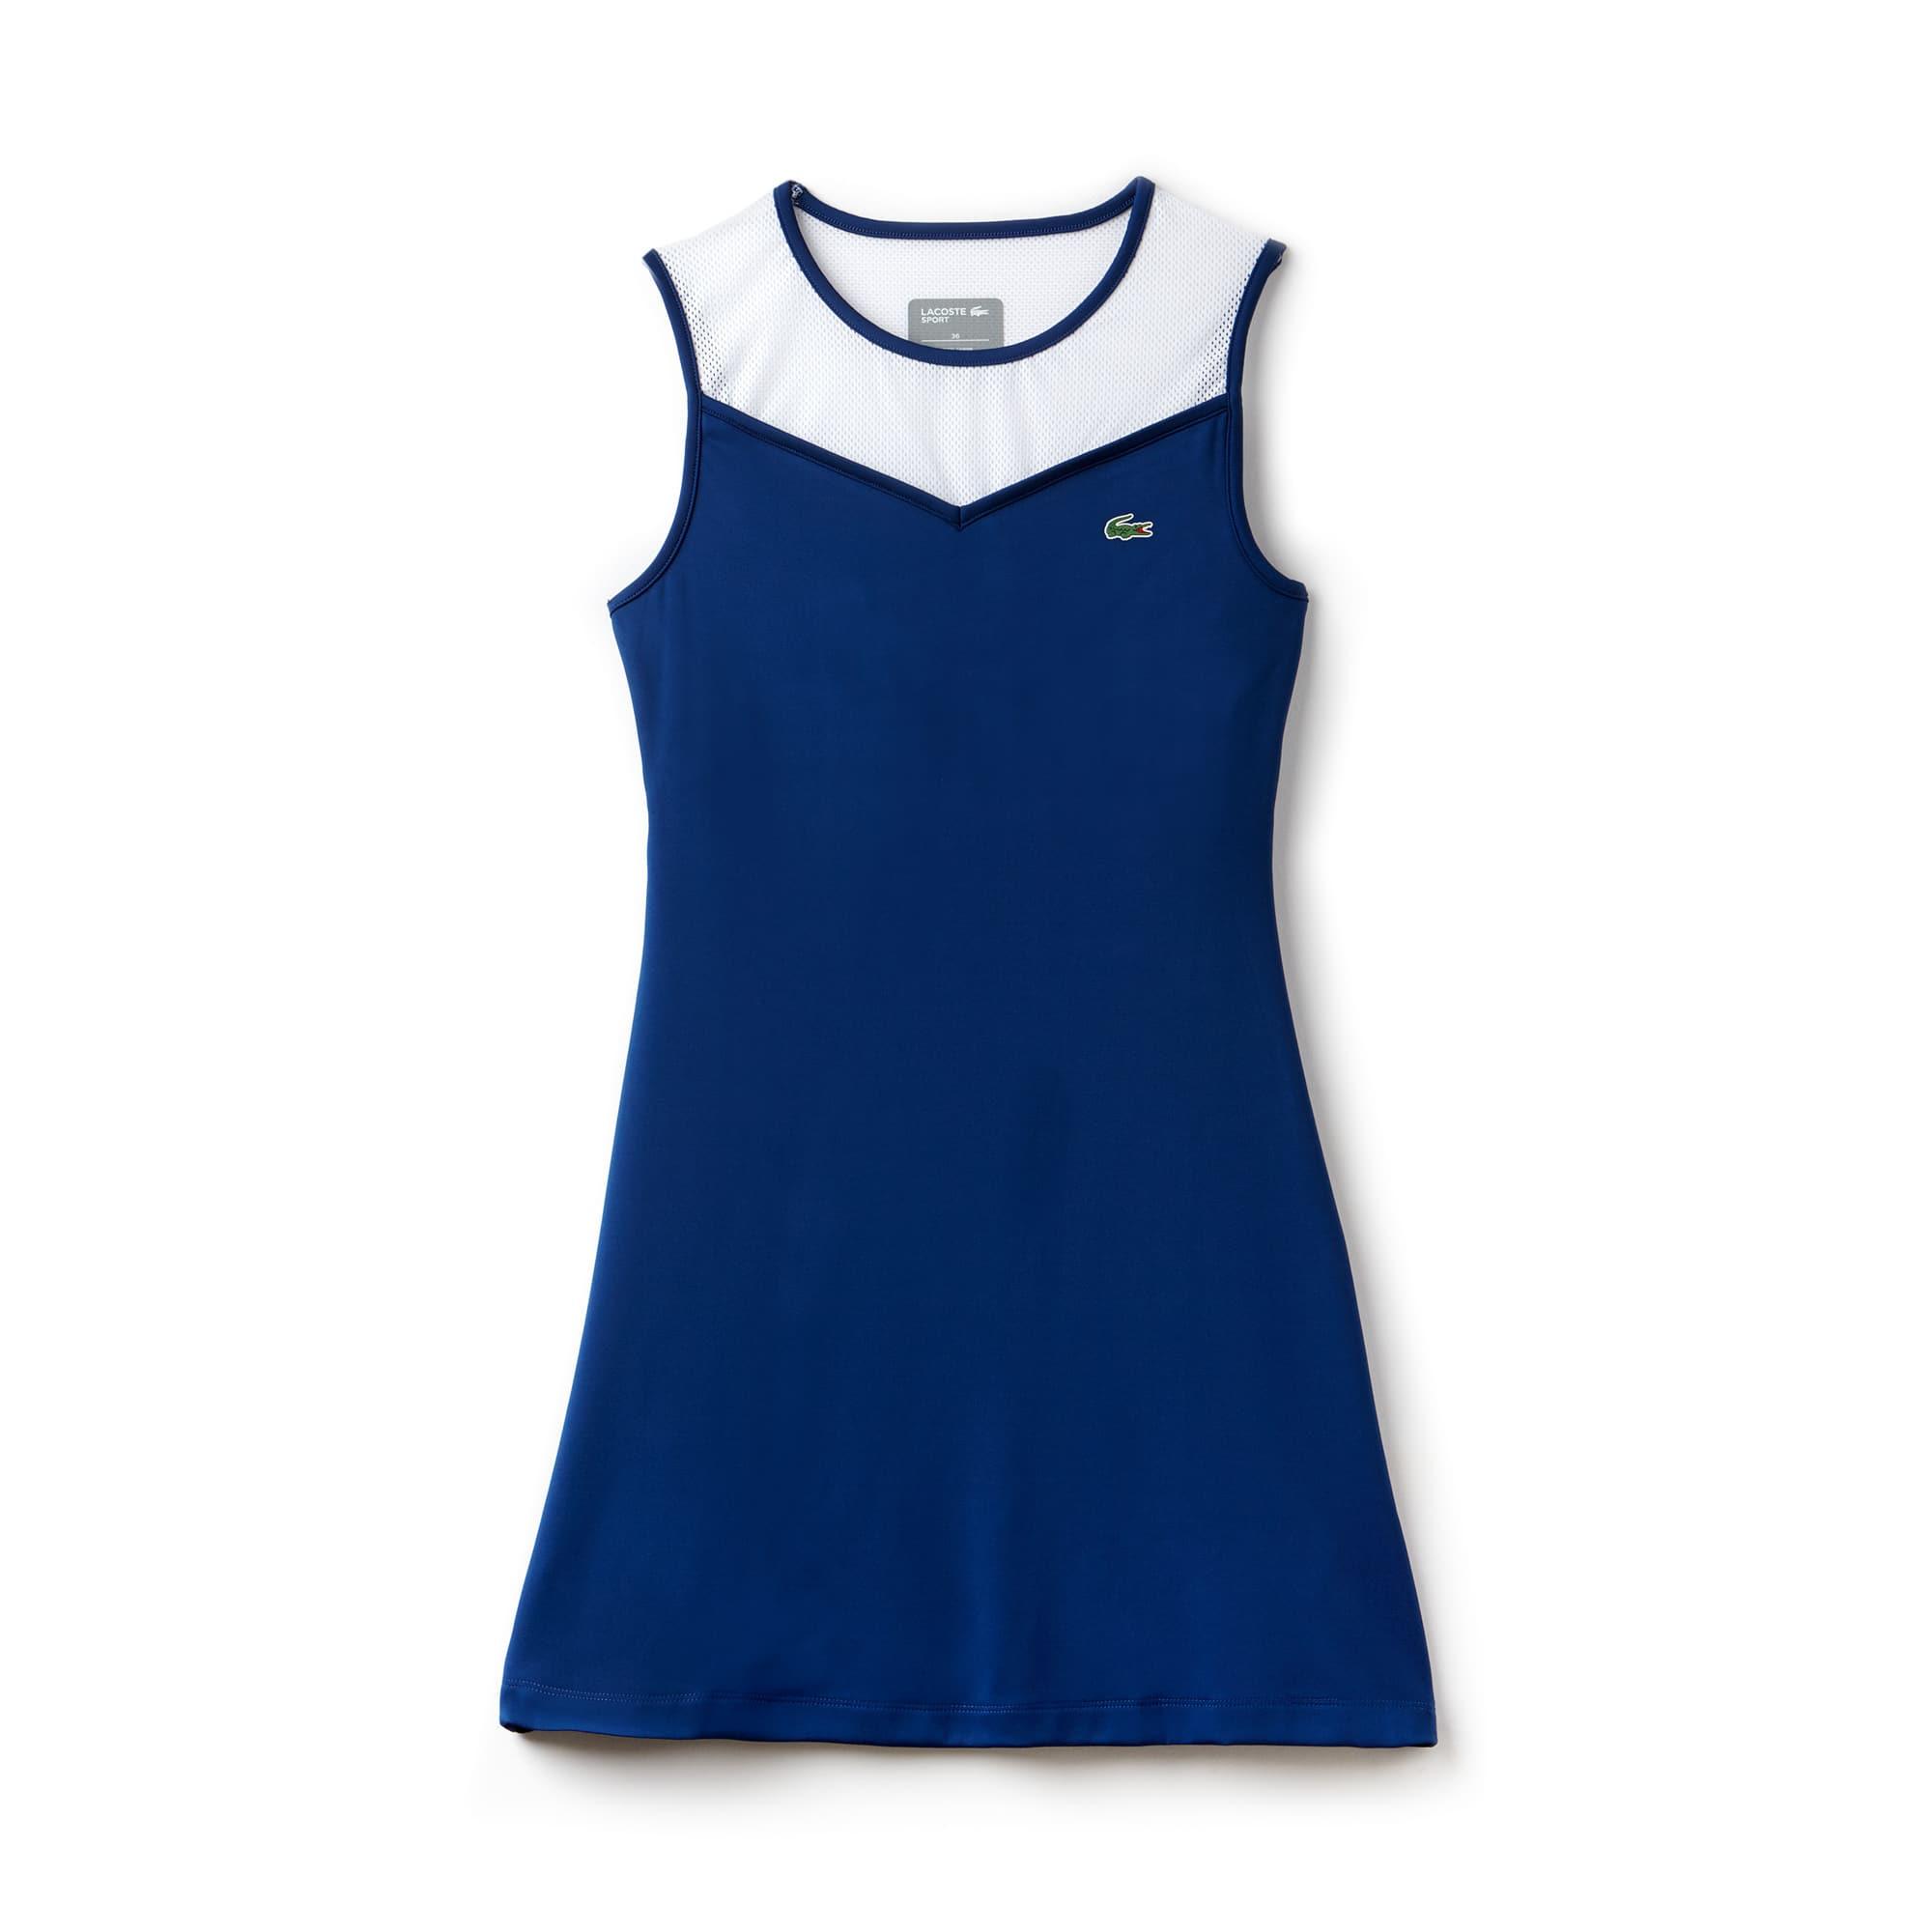 Vestido decote nadador nas costas Tennis Lacoste SPORT em jersey técnico e mesh